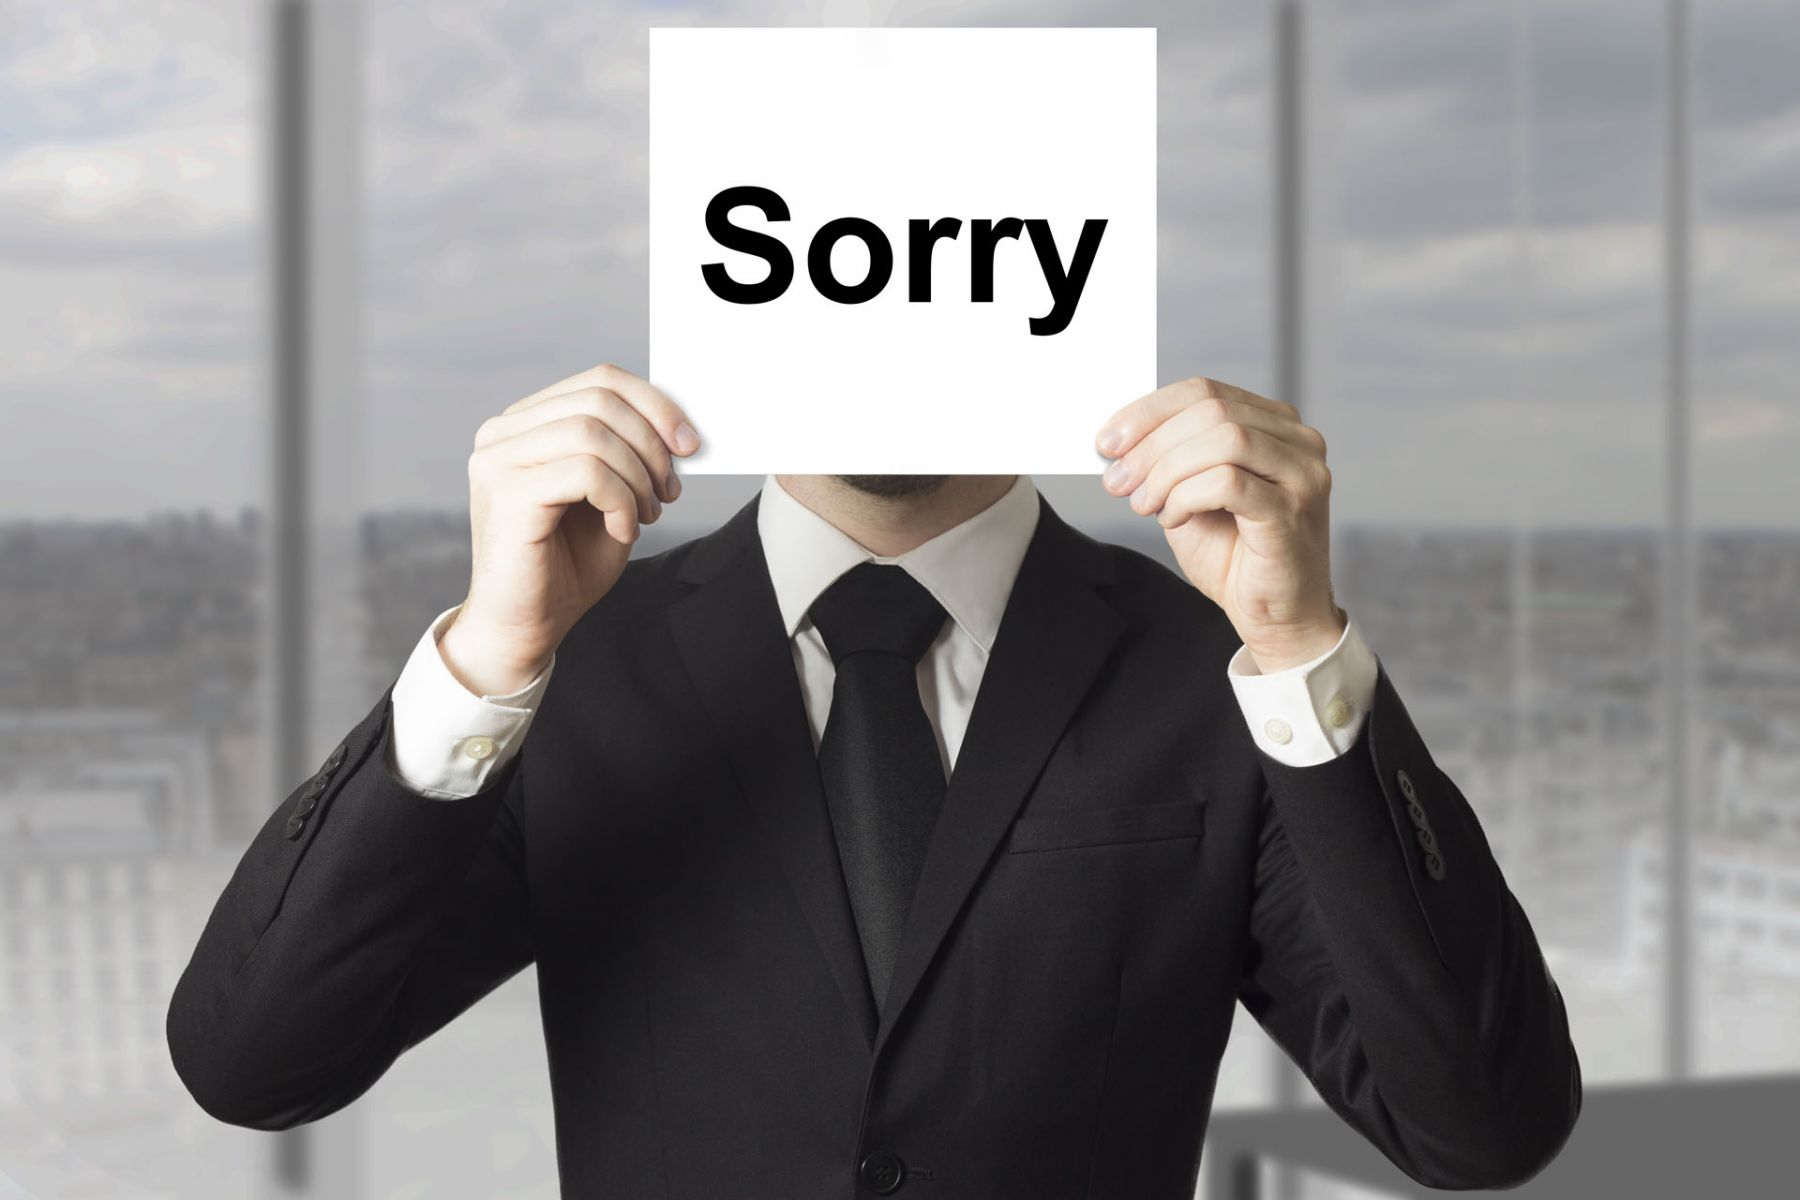 「對不起,我又遲到了!」你以為只要道個歉就過去了,但終究會誤一件大事